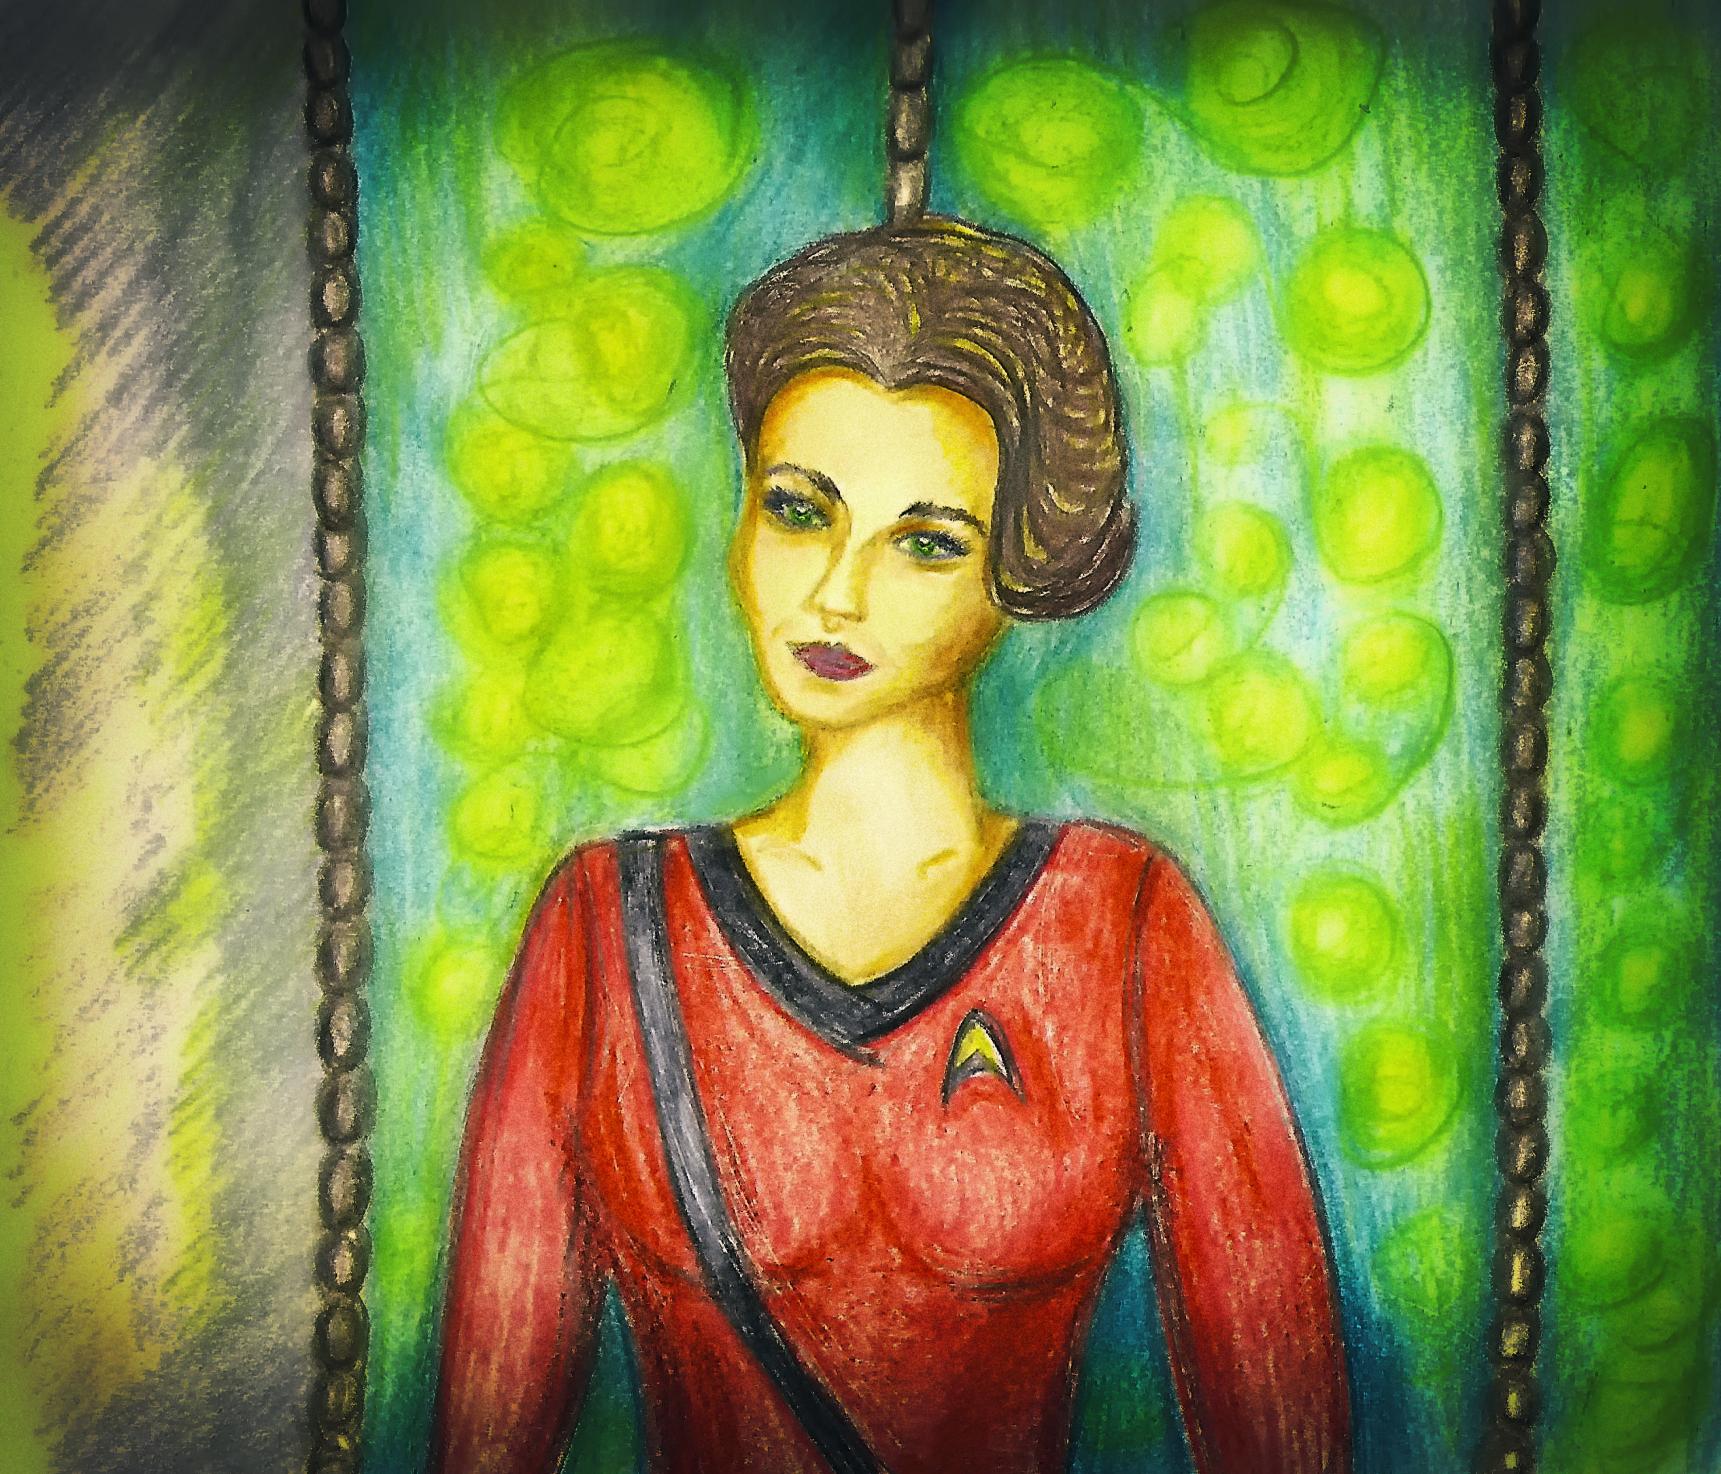 Diana Mauldair in Star Trek